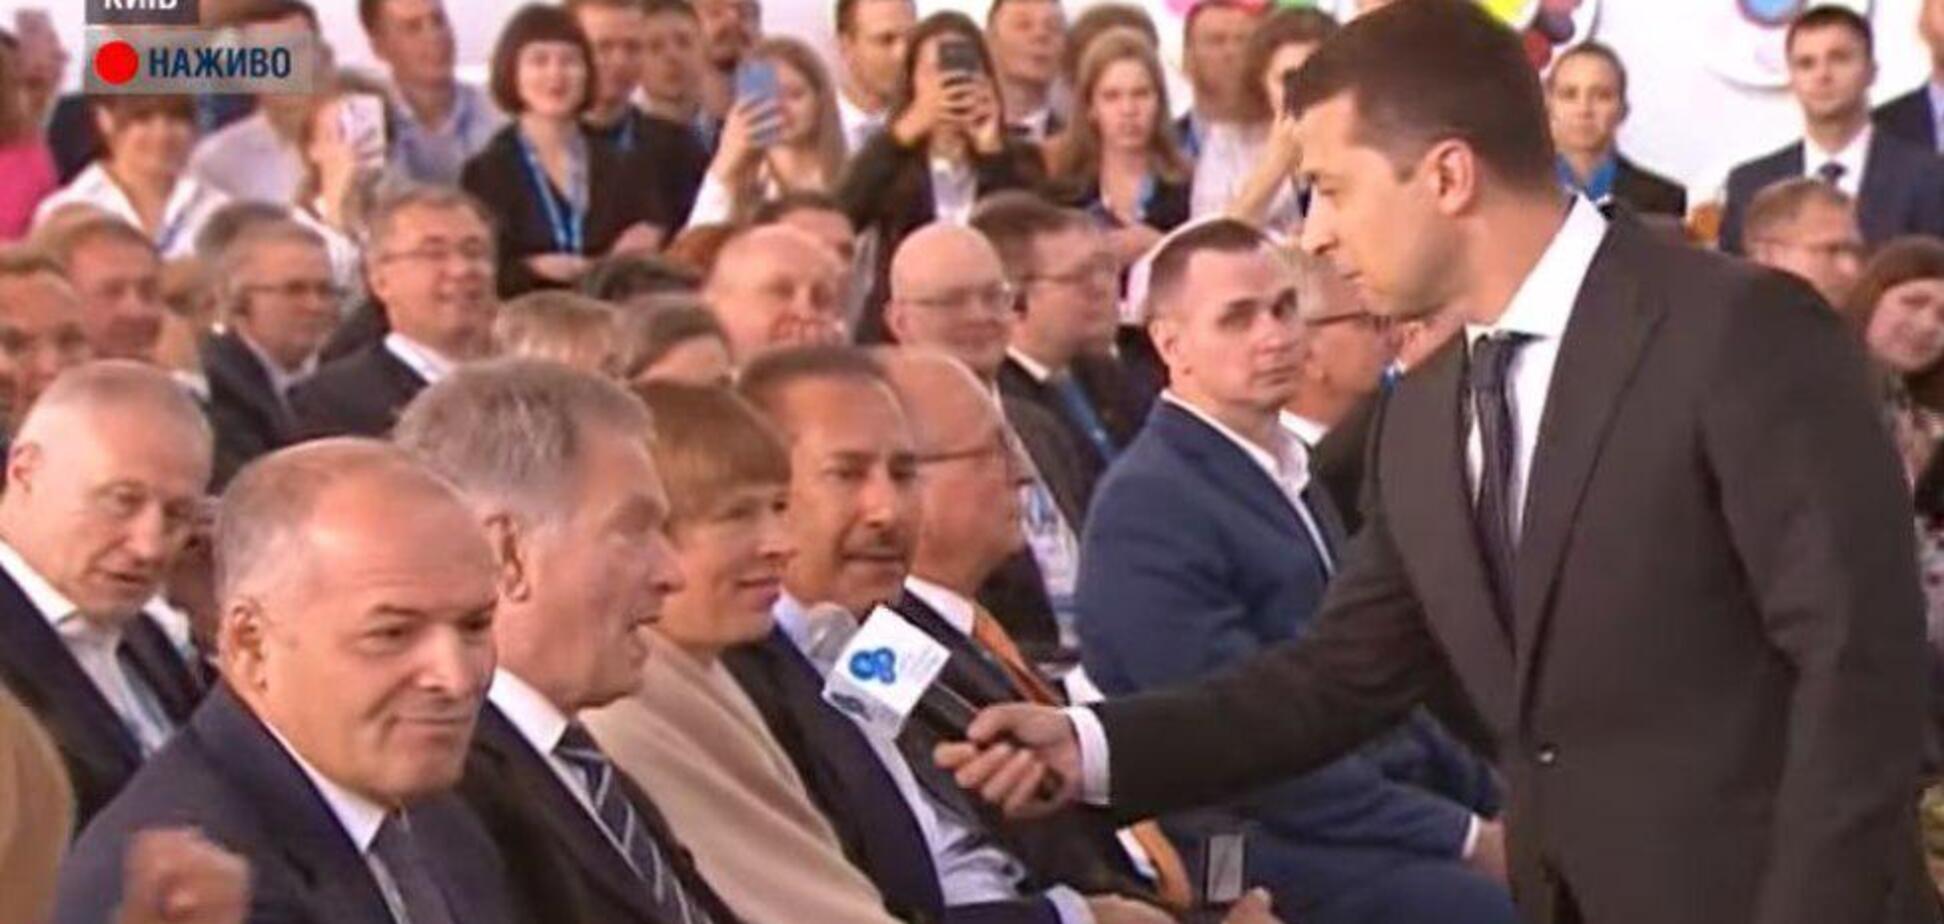 Пошел в зал с микрофоном: Зеленский удивил странным выступлением на форуме YES